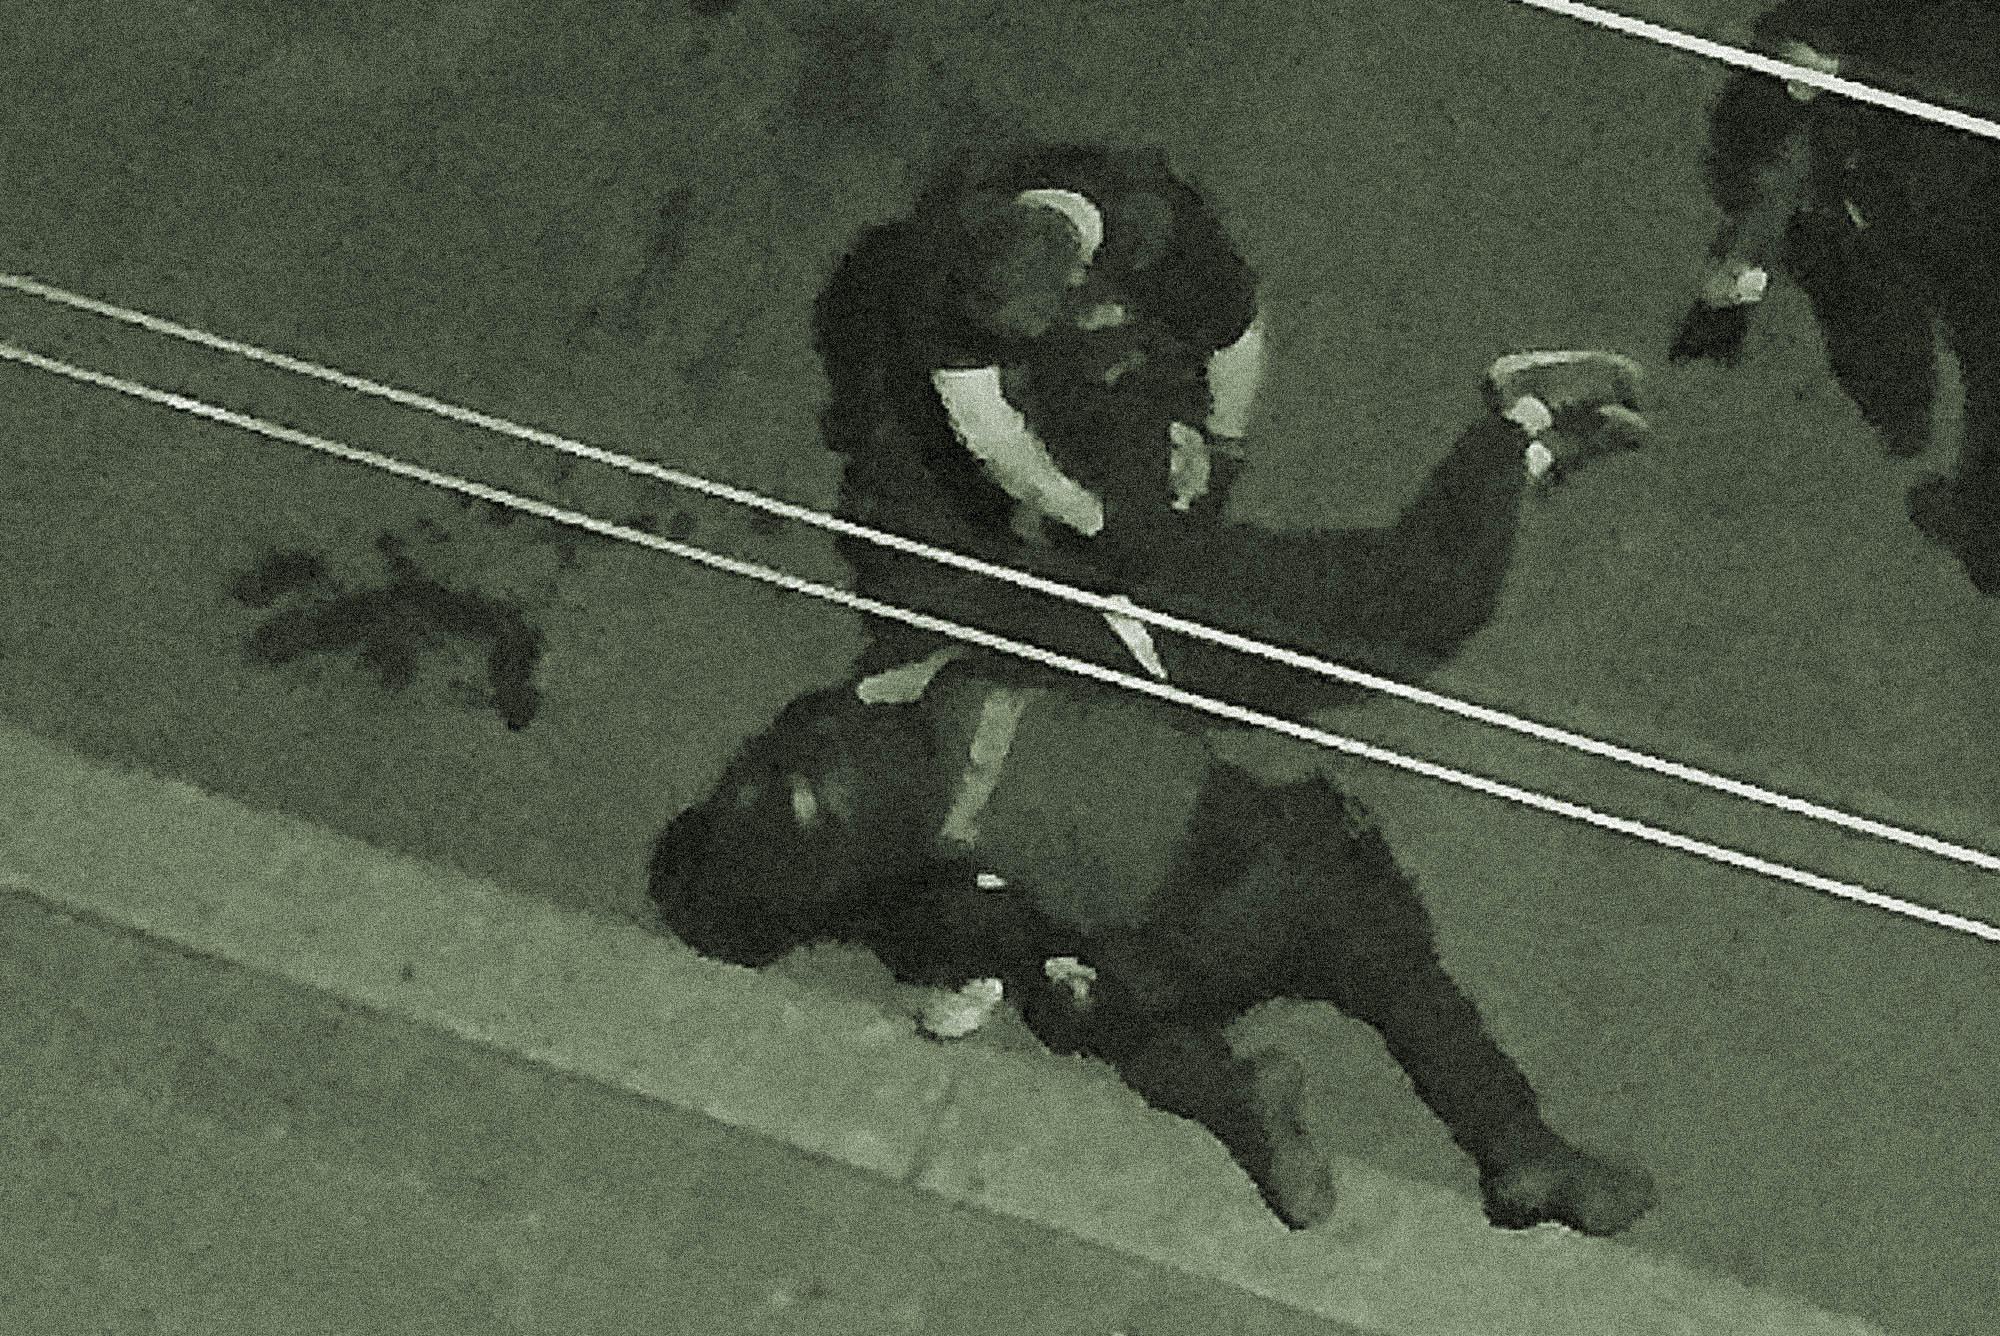 Die Polizei wurde vom Mob heftig attackiert – und reagierte mit Härte.